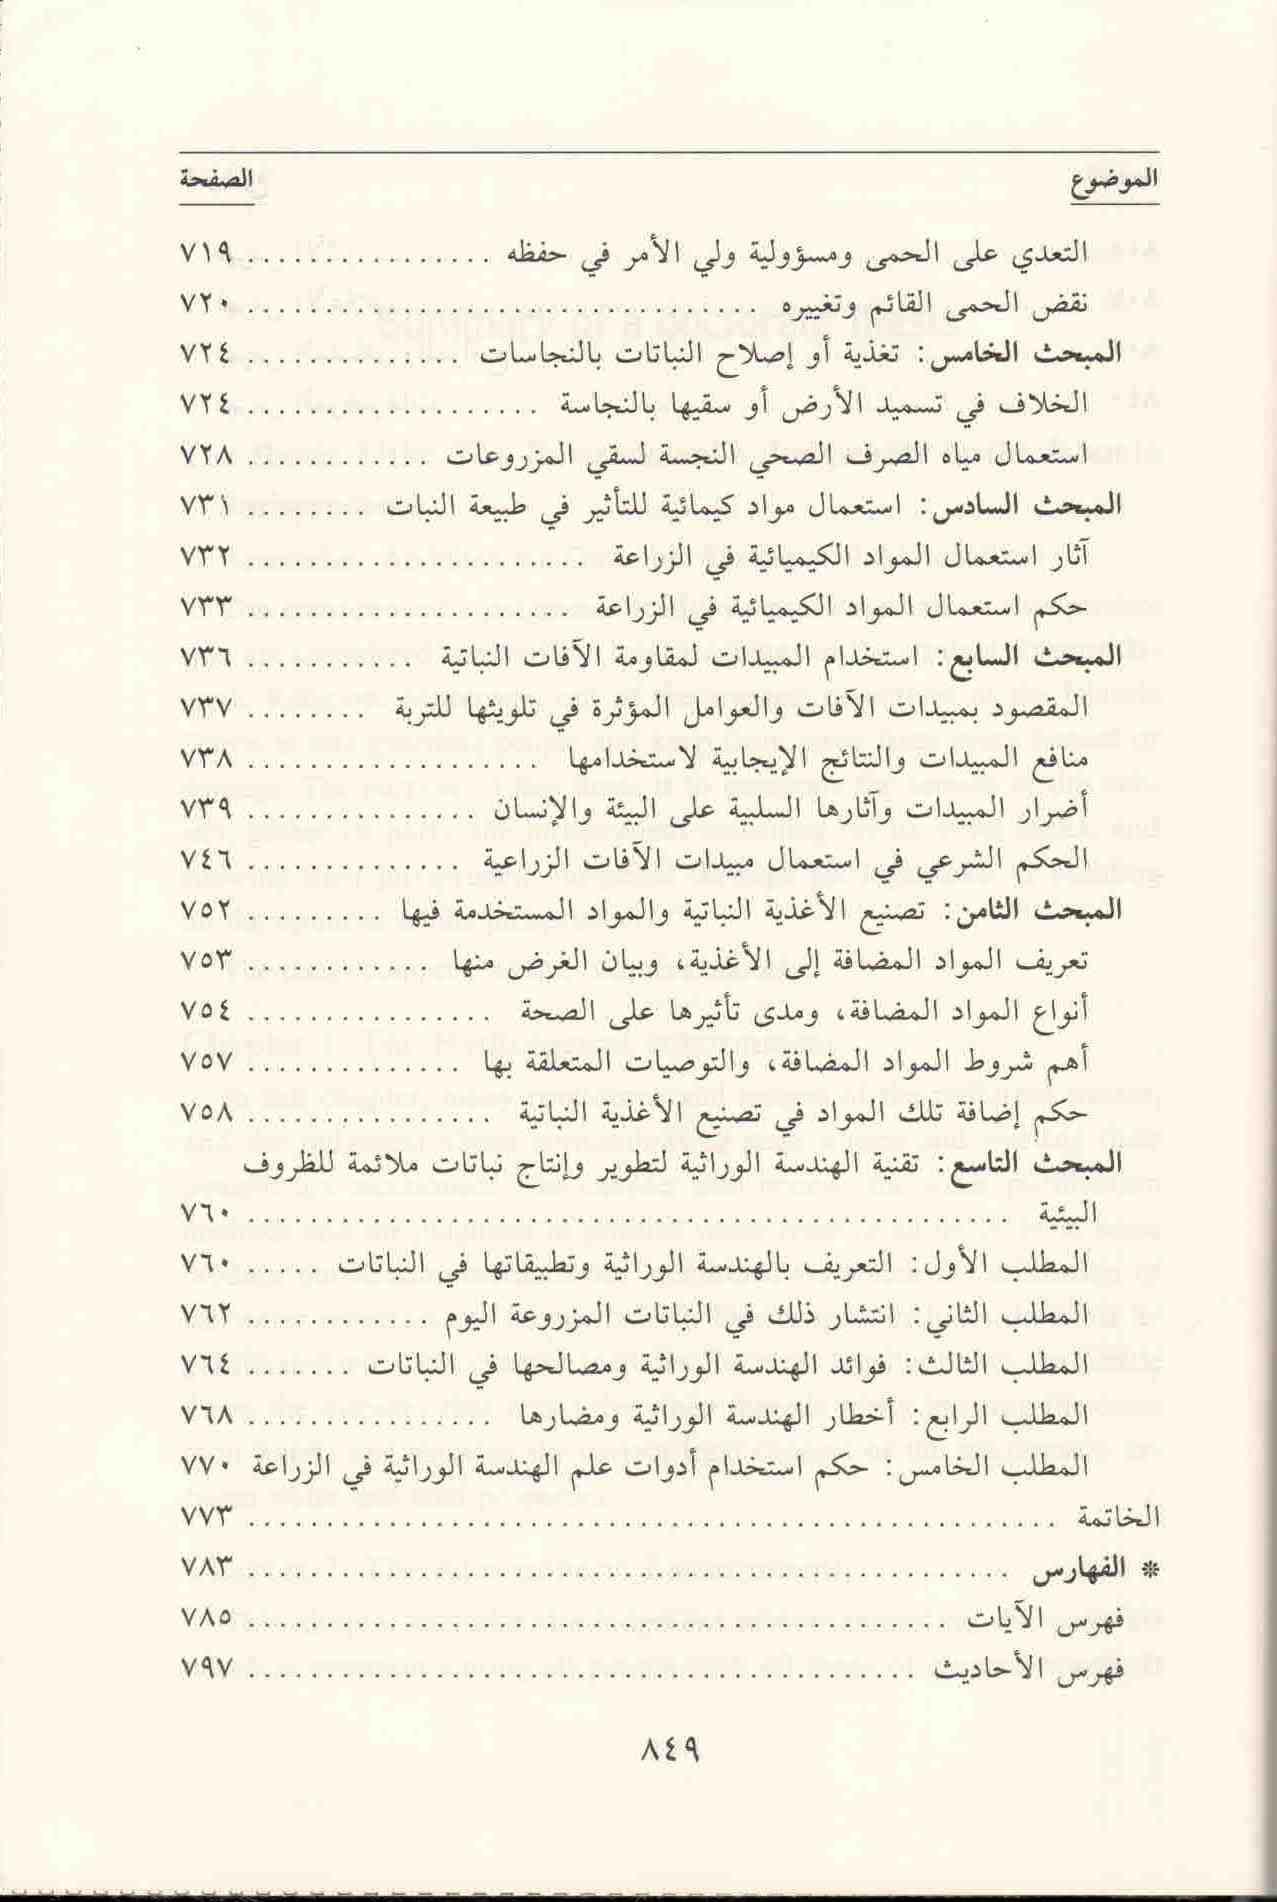 ص 849 محتويات كتاب أحكام البيئة